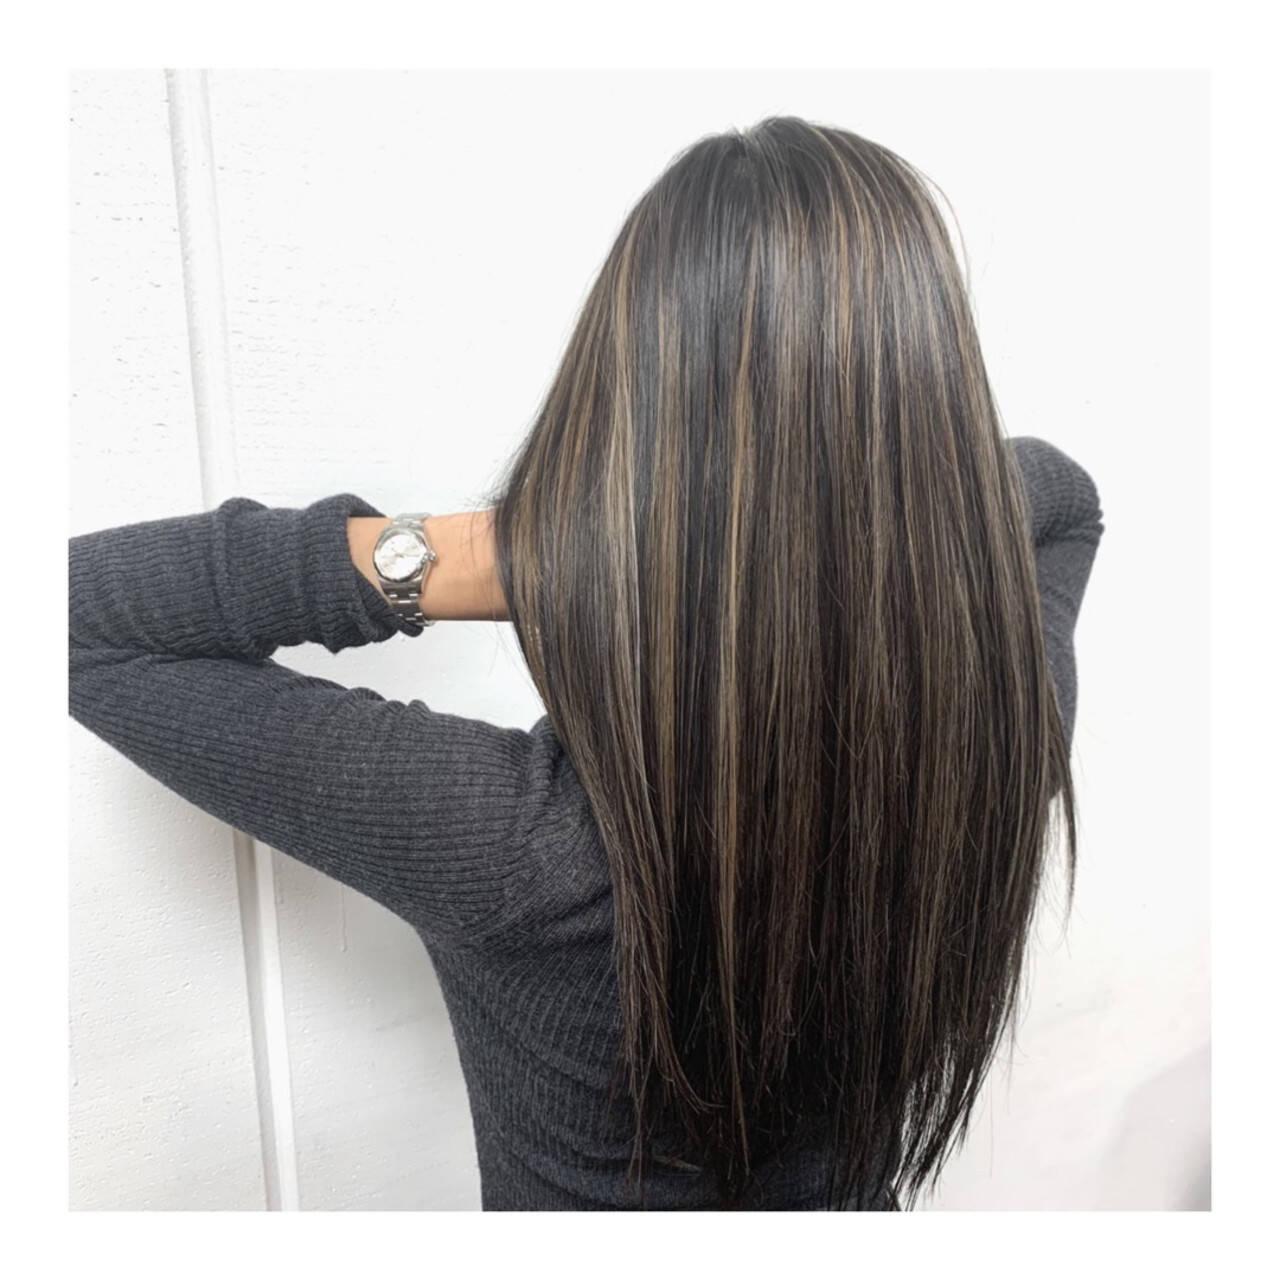 極細ハイライト ハイライト ロング ナチュラルヘアスタイルや髪型の写真・画像